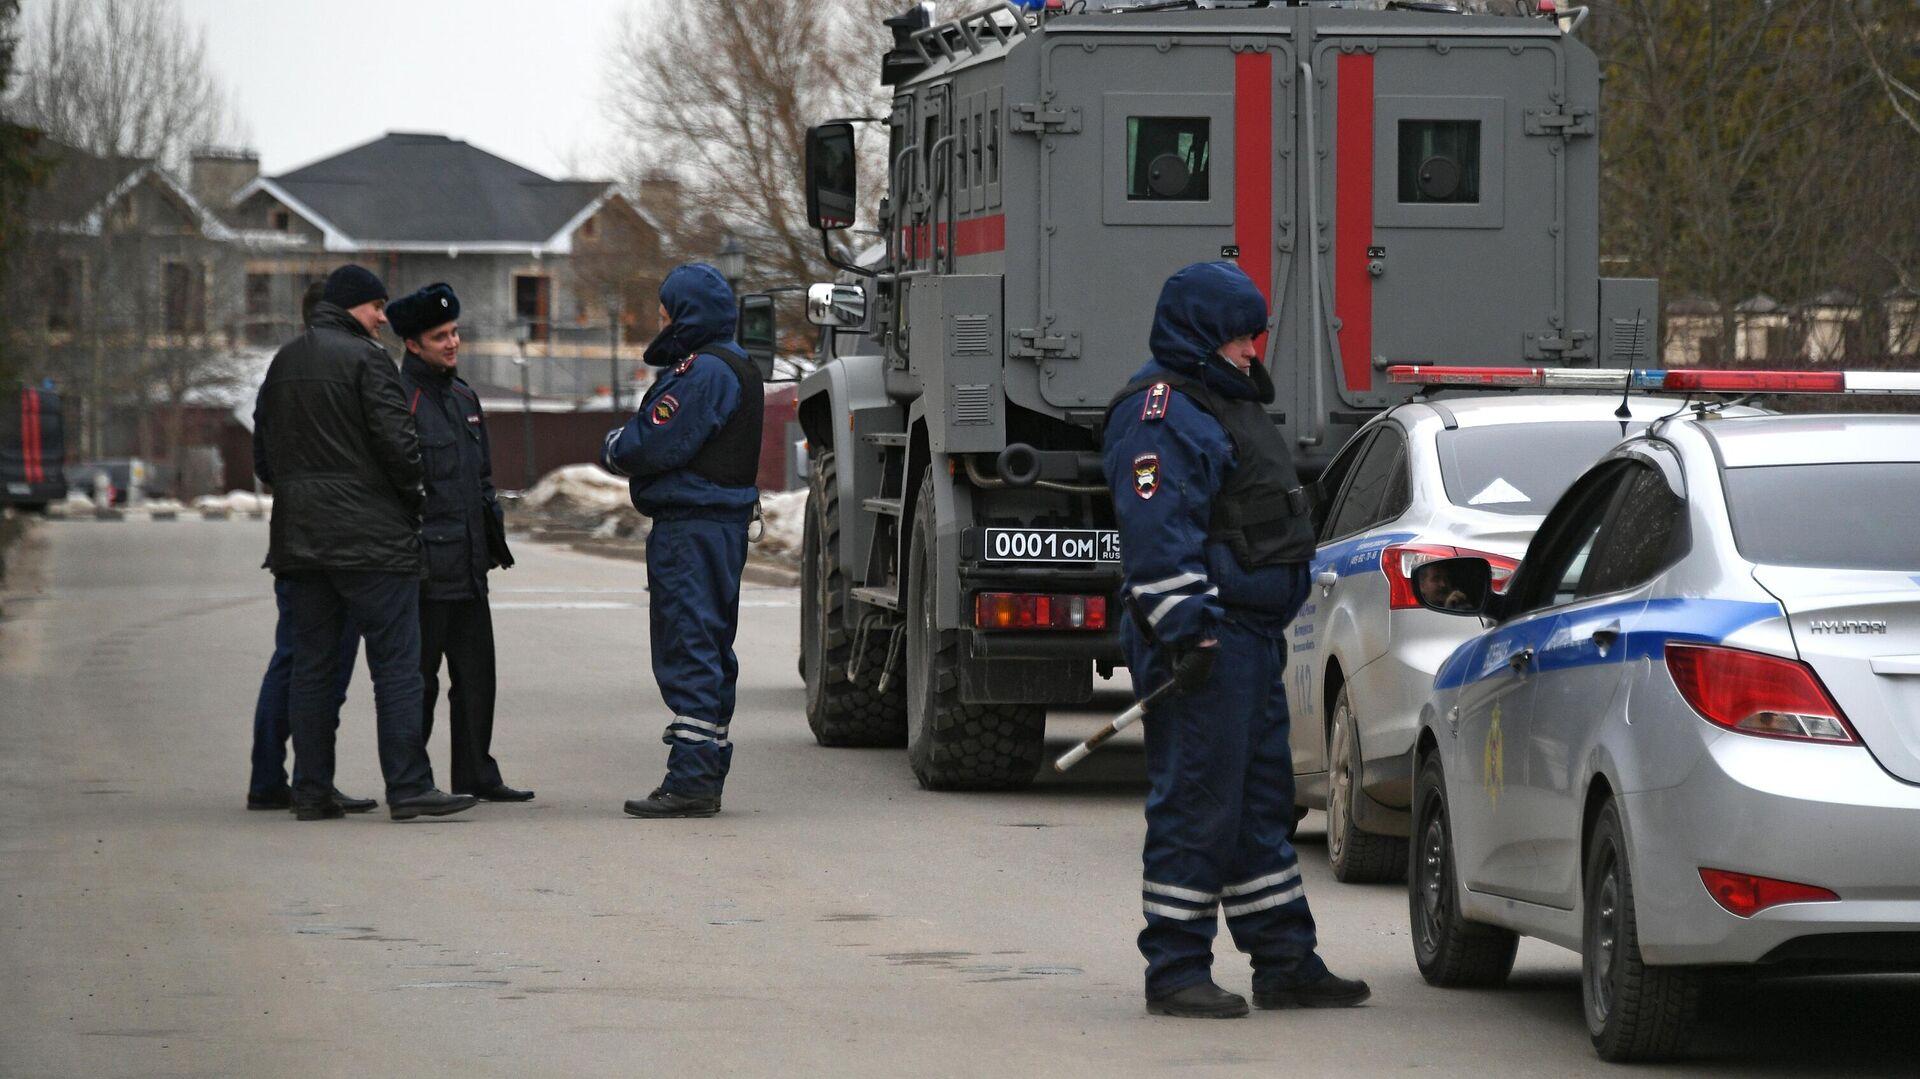 Росгвардия оценила действия сотрудников во время спецоперации в Мытищах